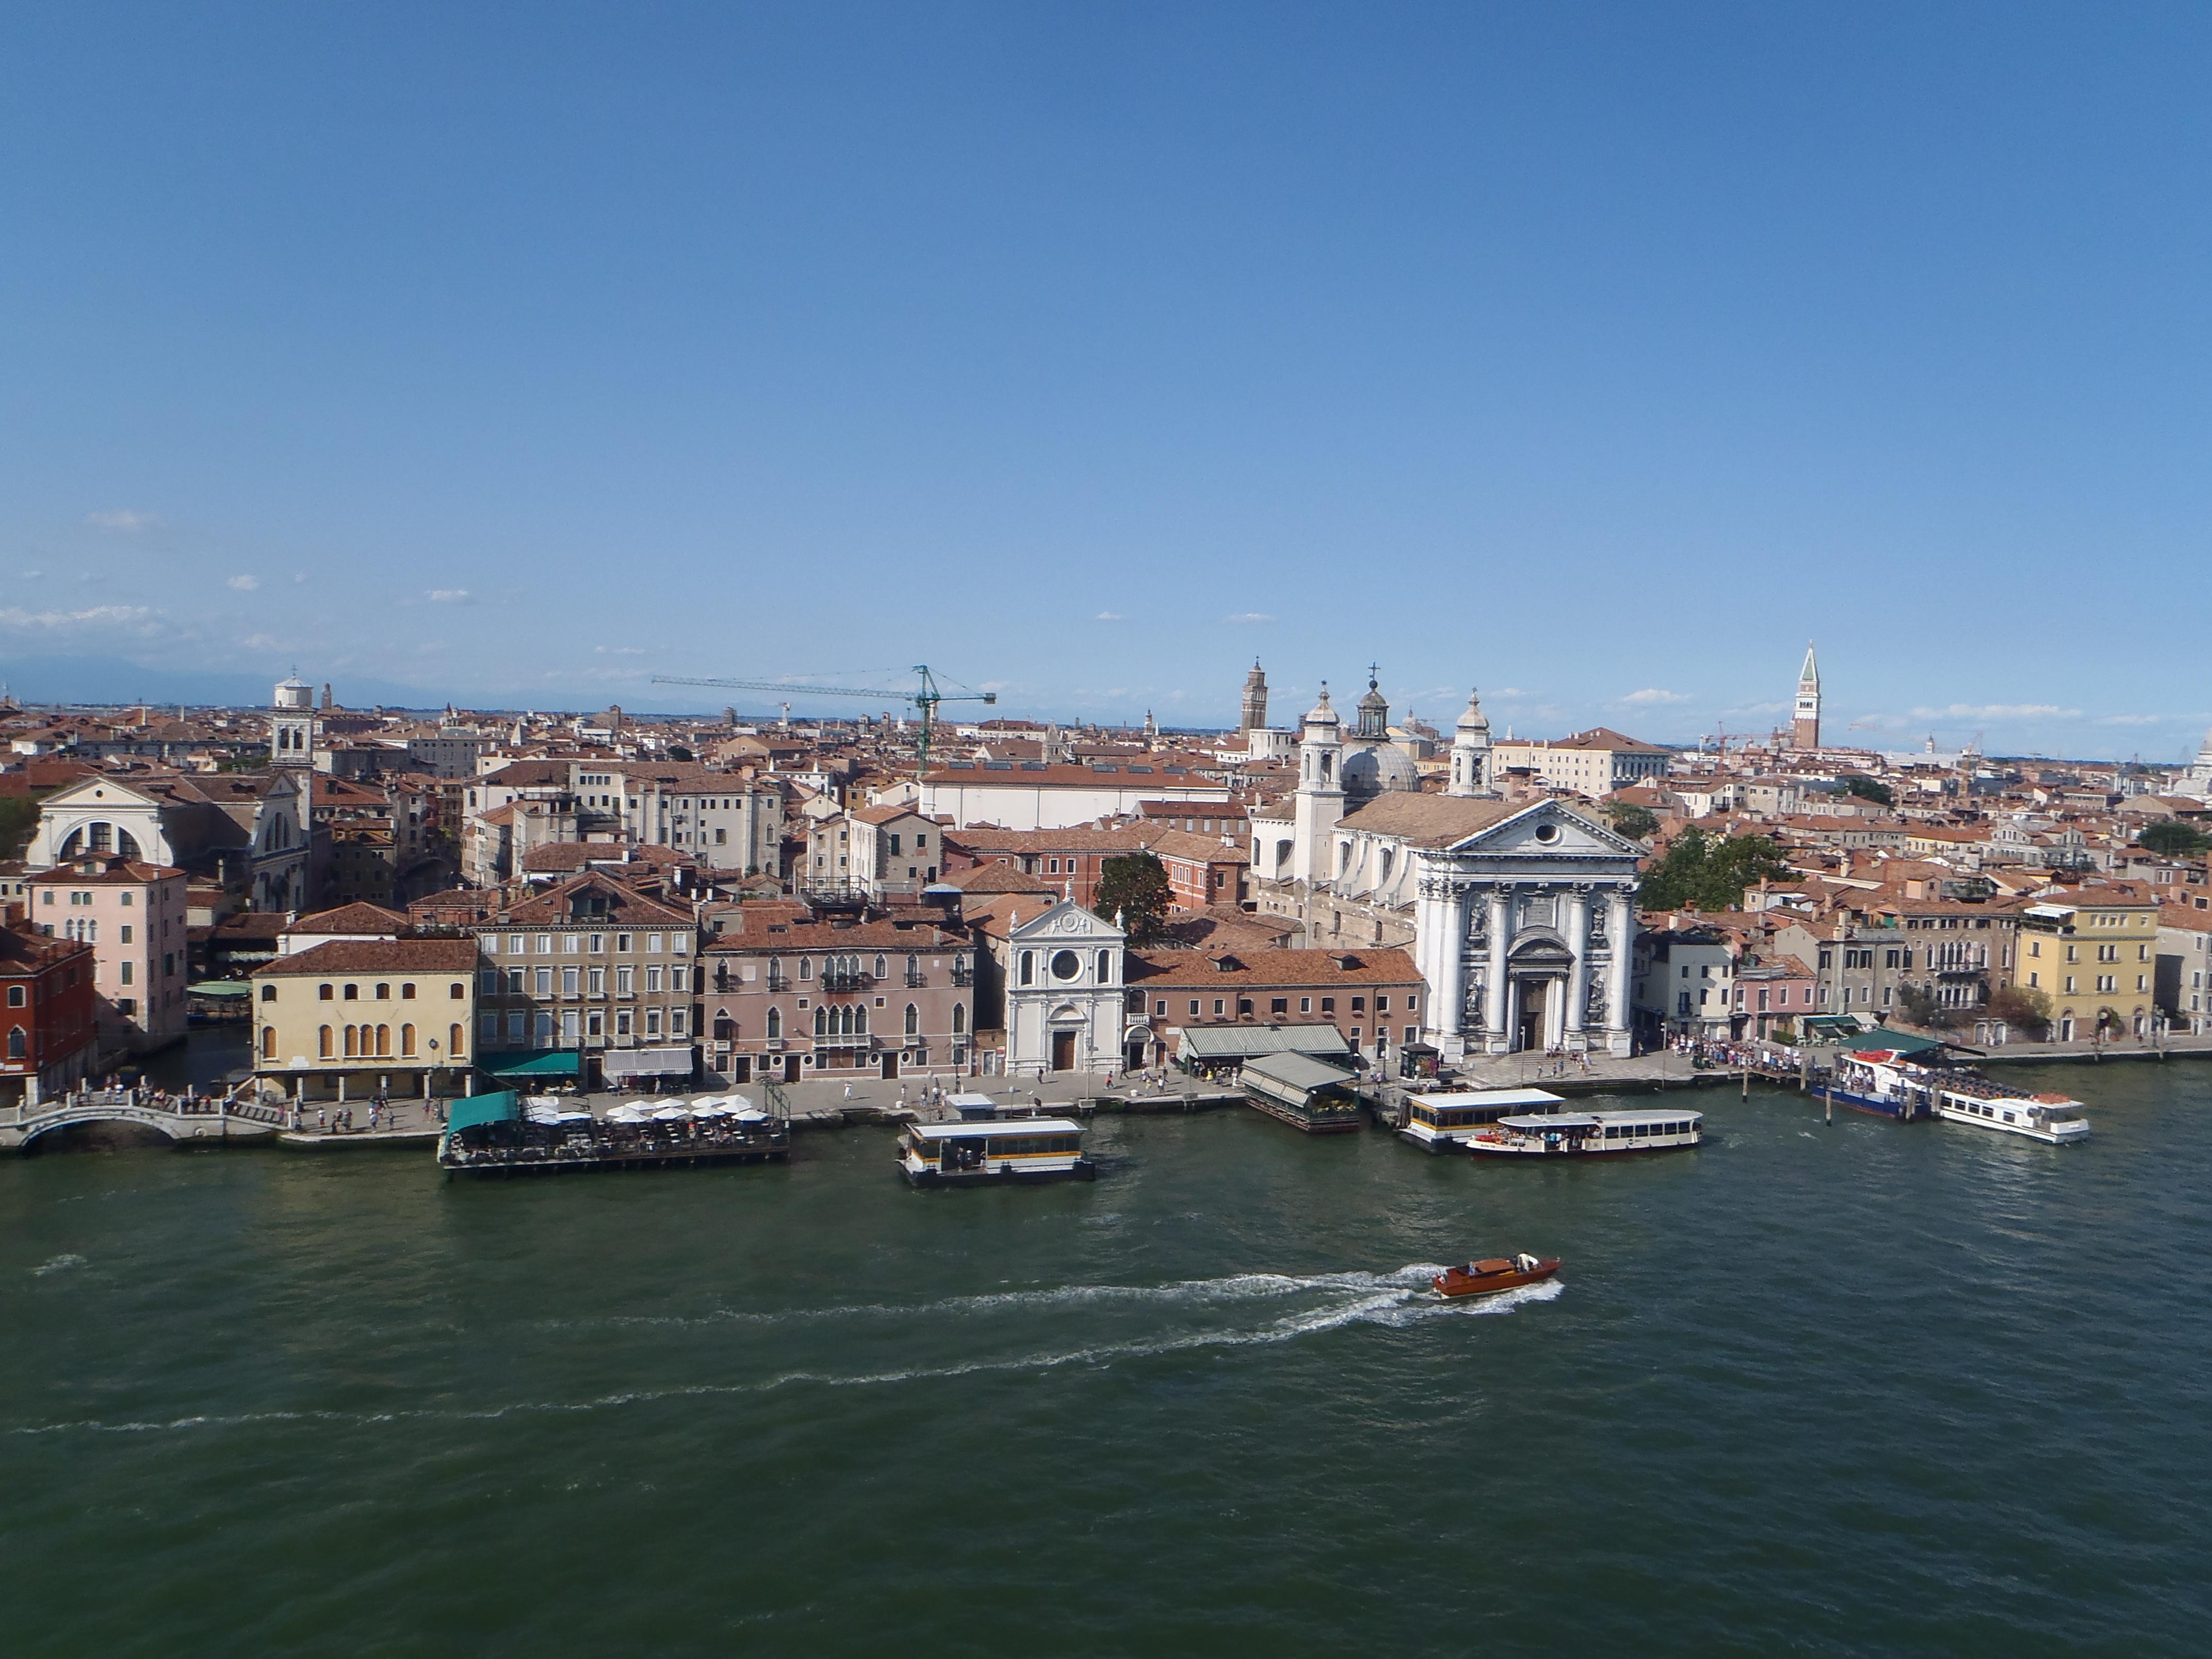 Venecia desde Barco Crucero